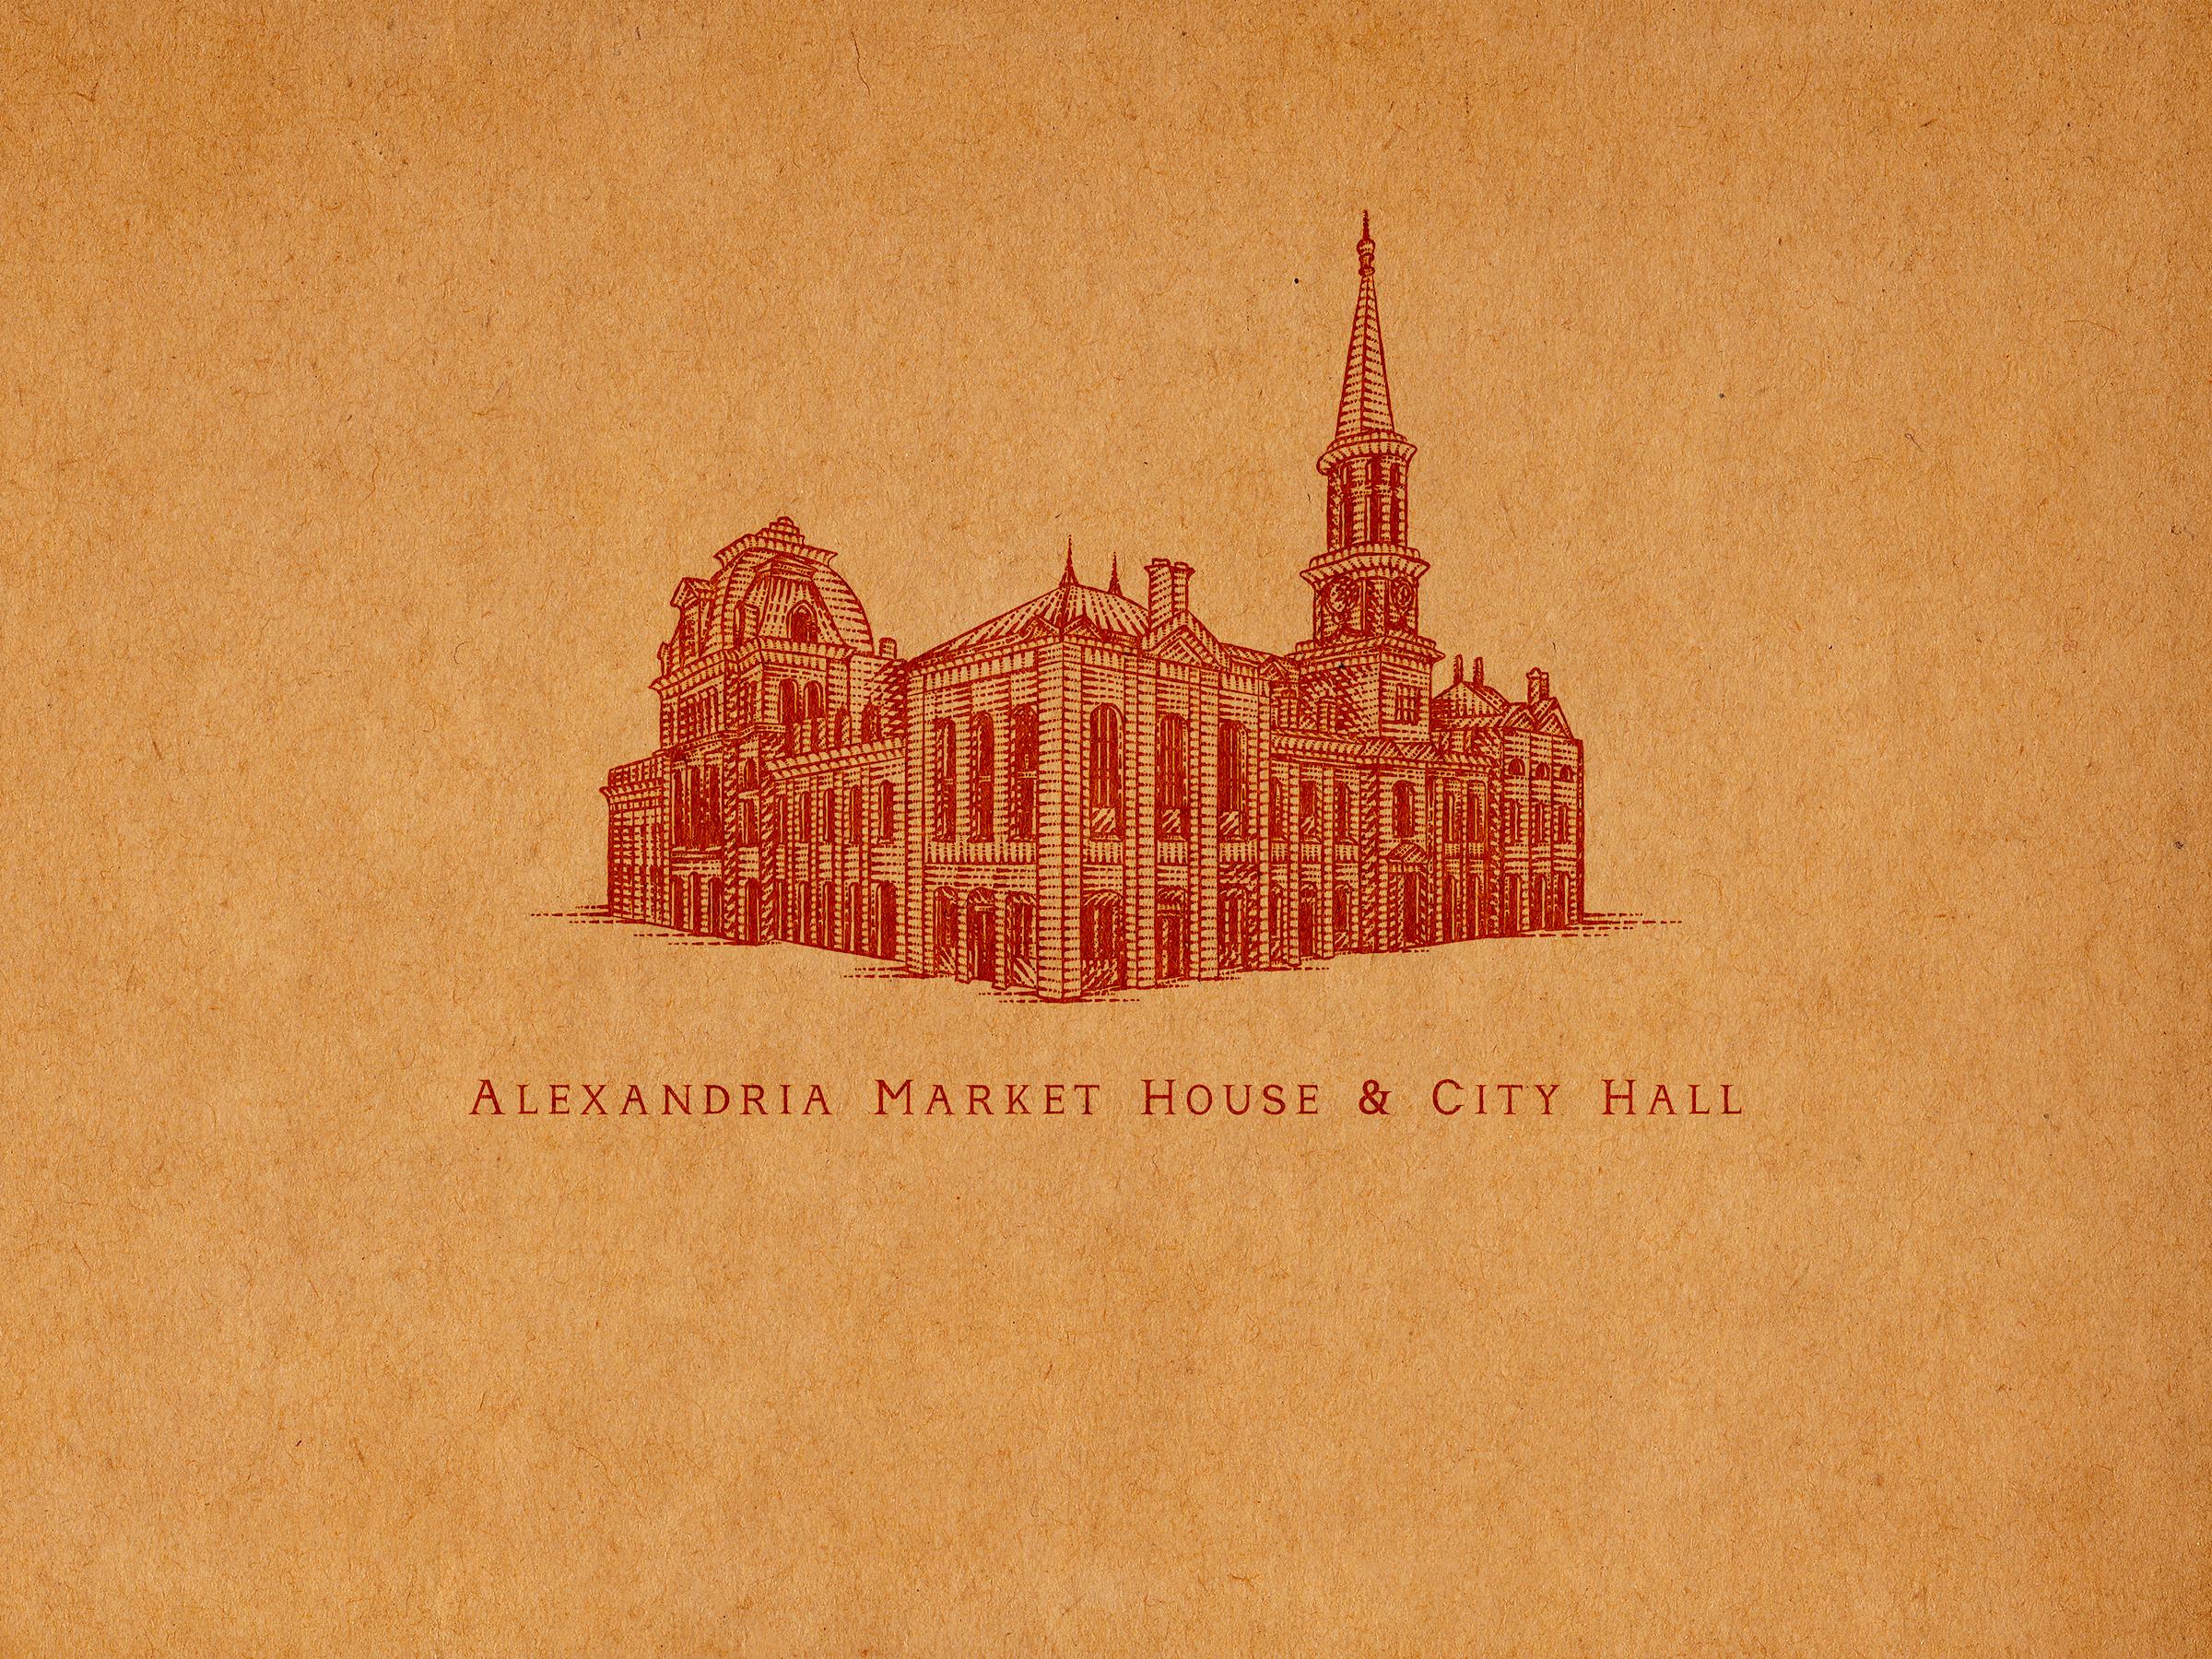 Alexandria market house and city hall